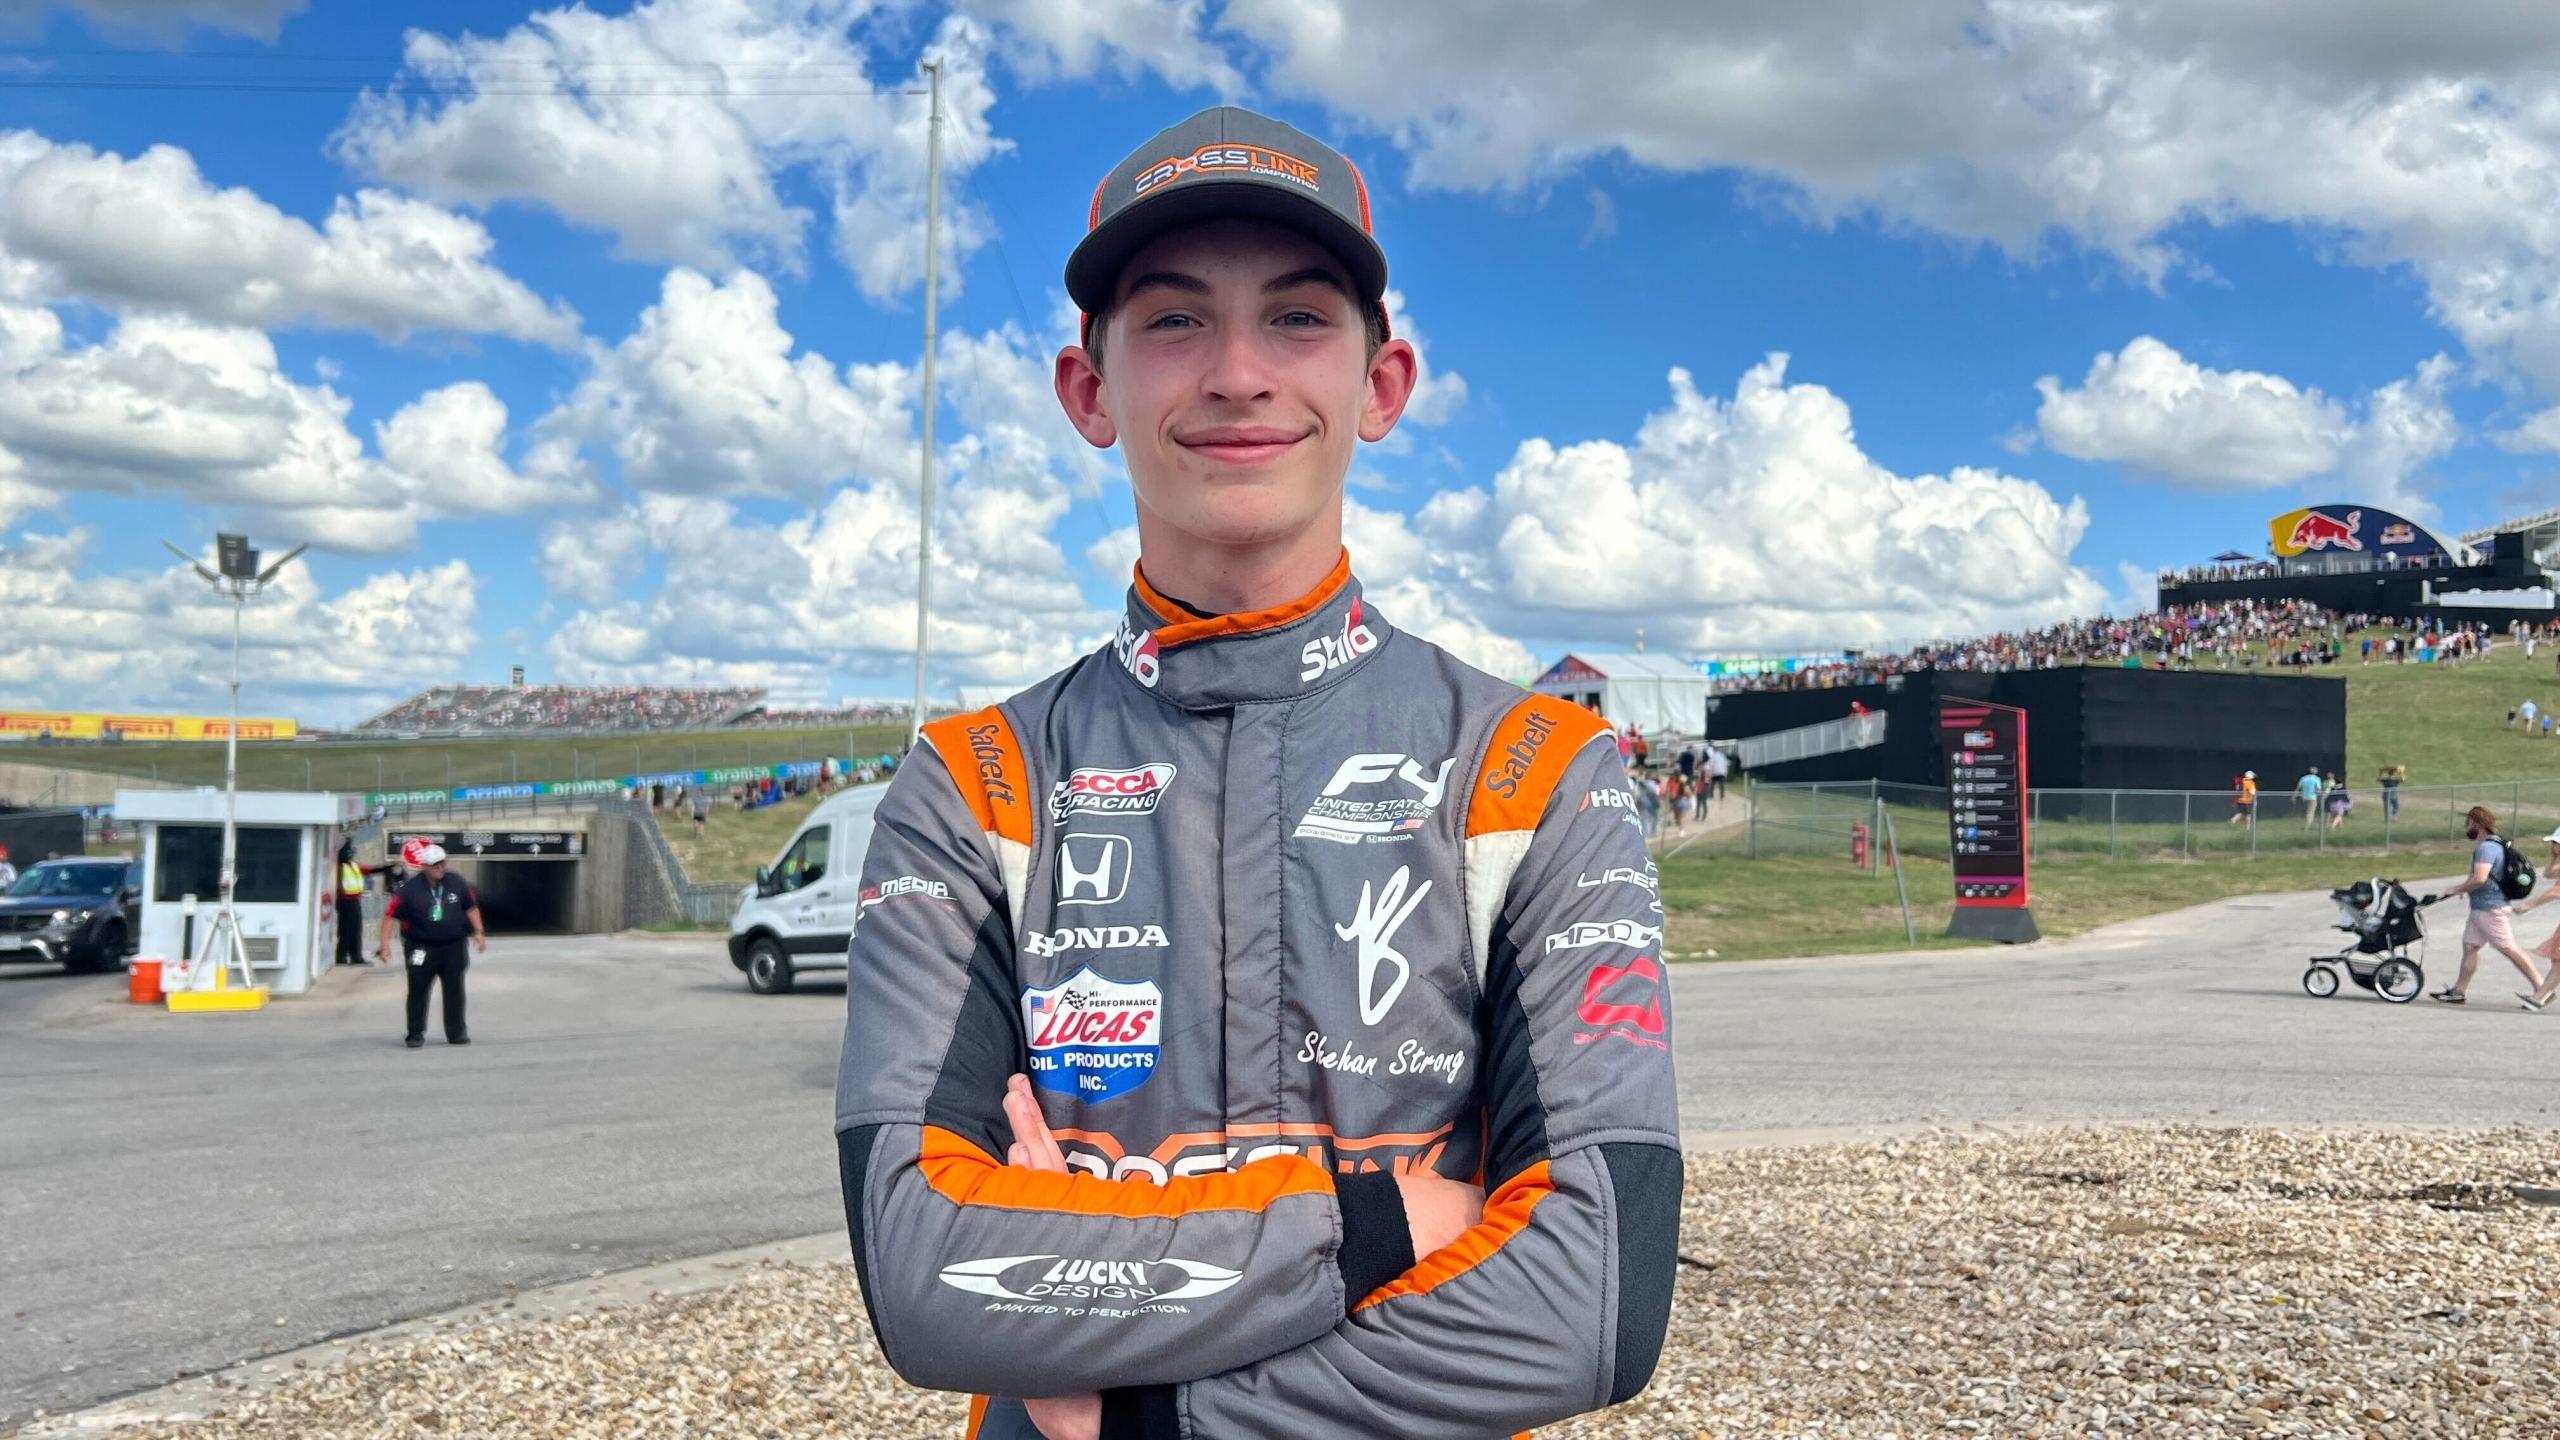 Ryan Shehan - F1